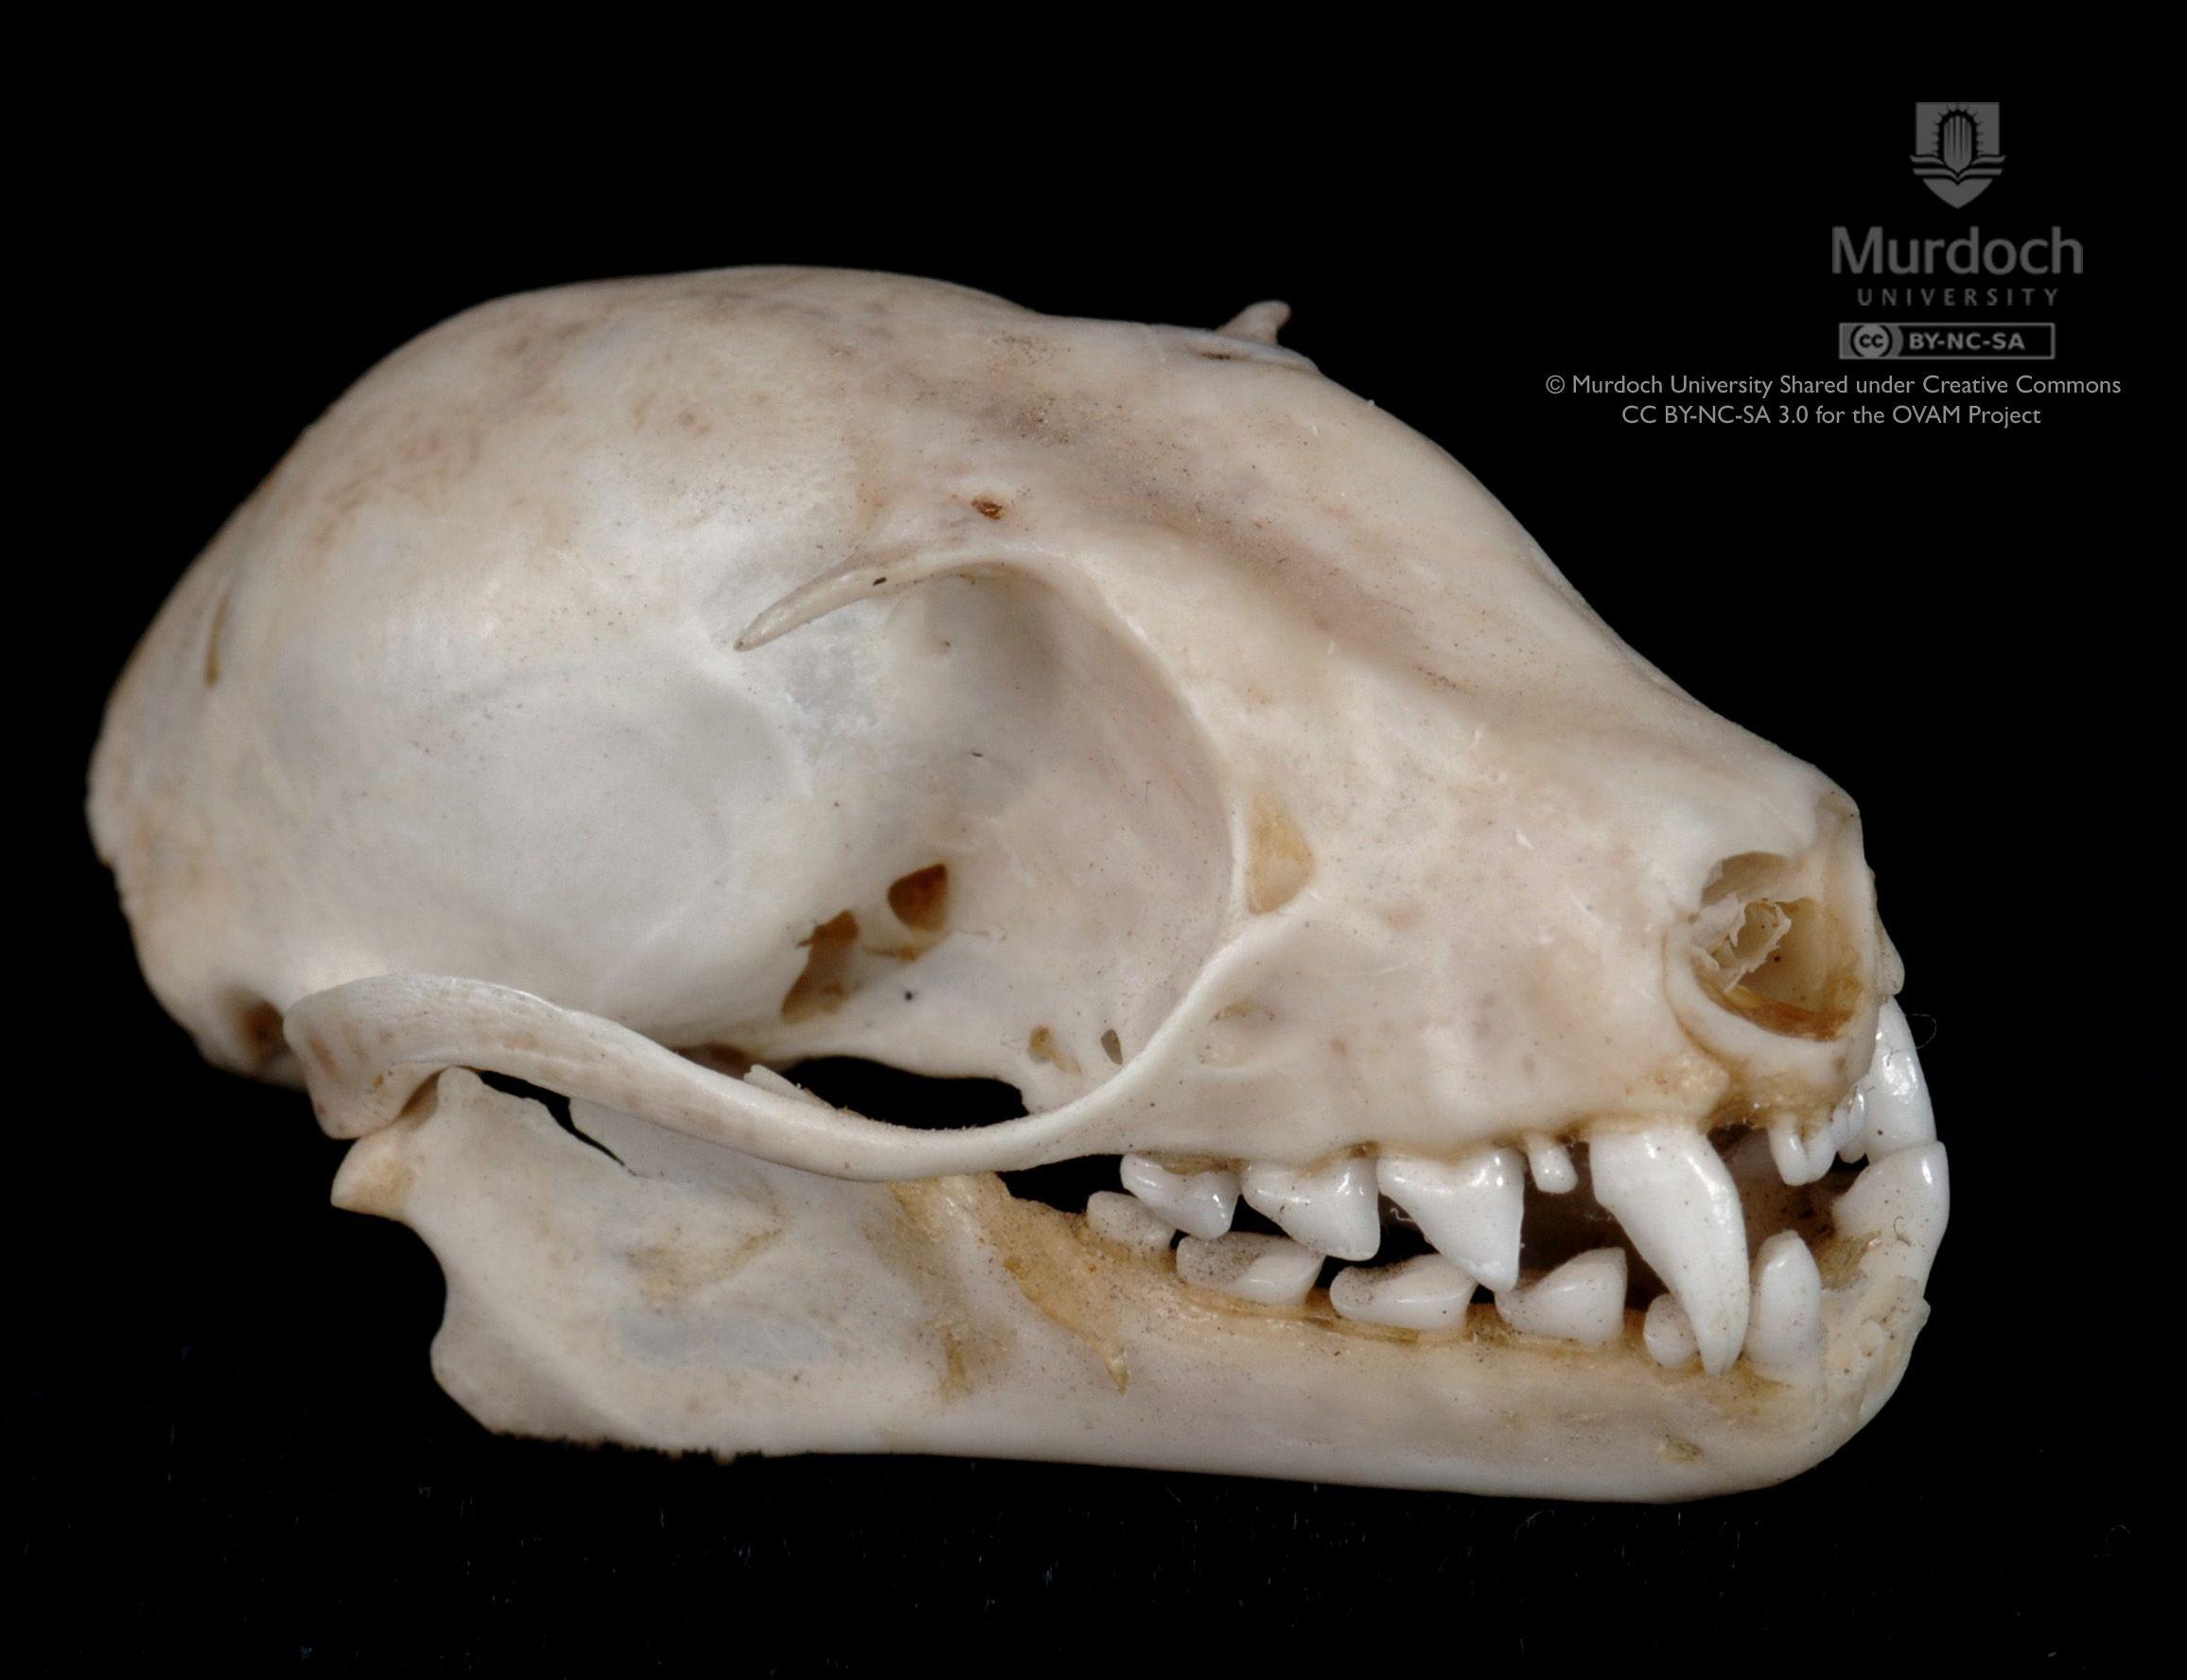 hight resolution of fruit bat skull bat anatomy anatomy study fruit bat animal skulls inktober